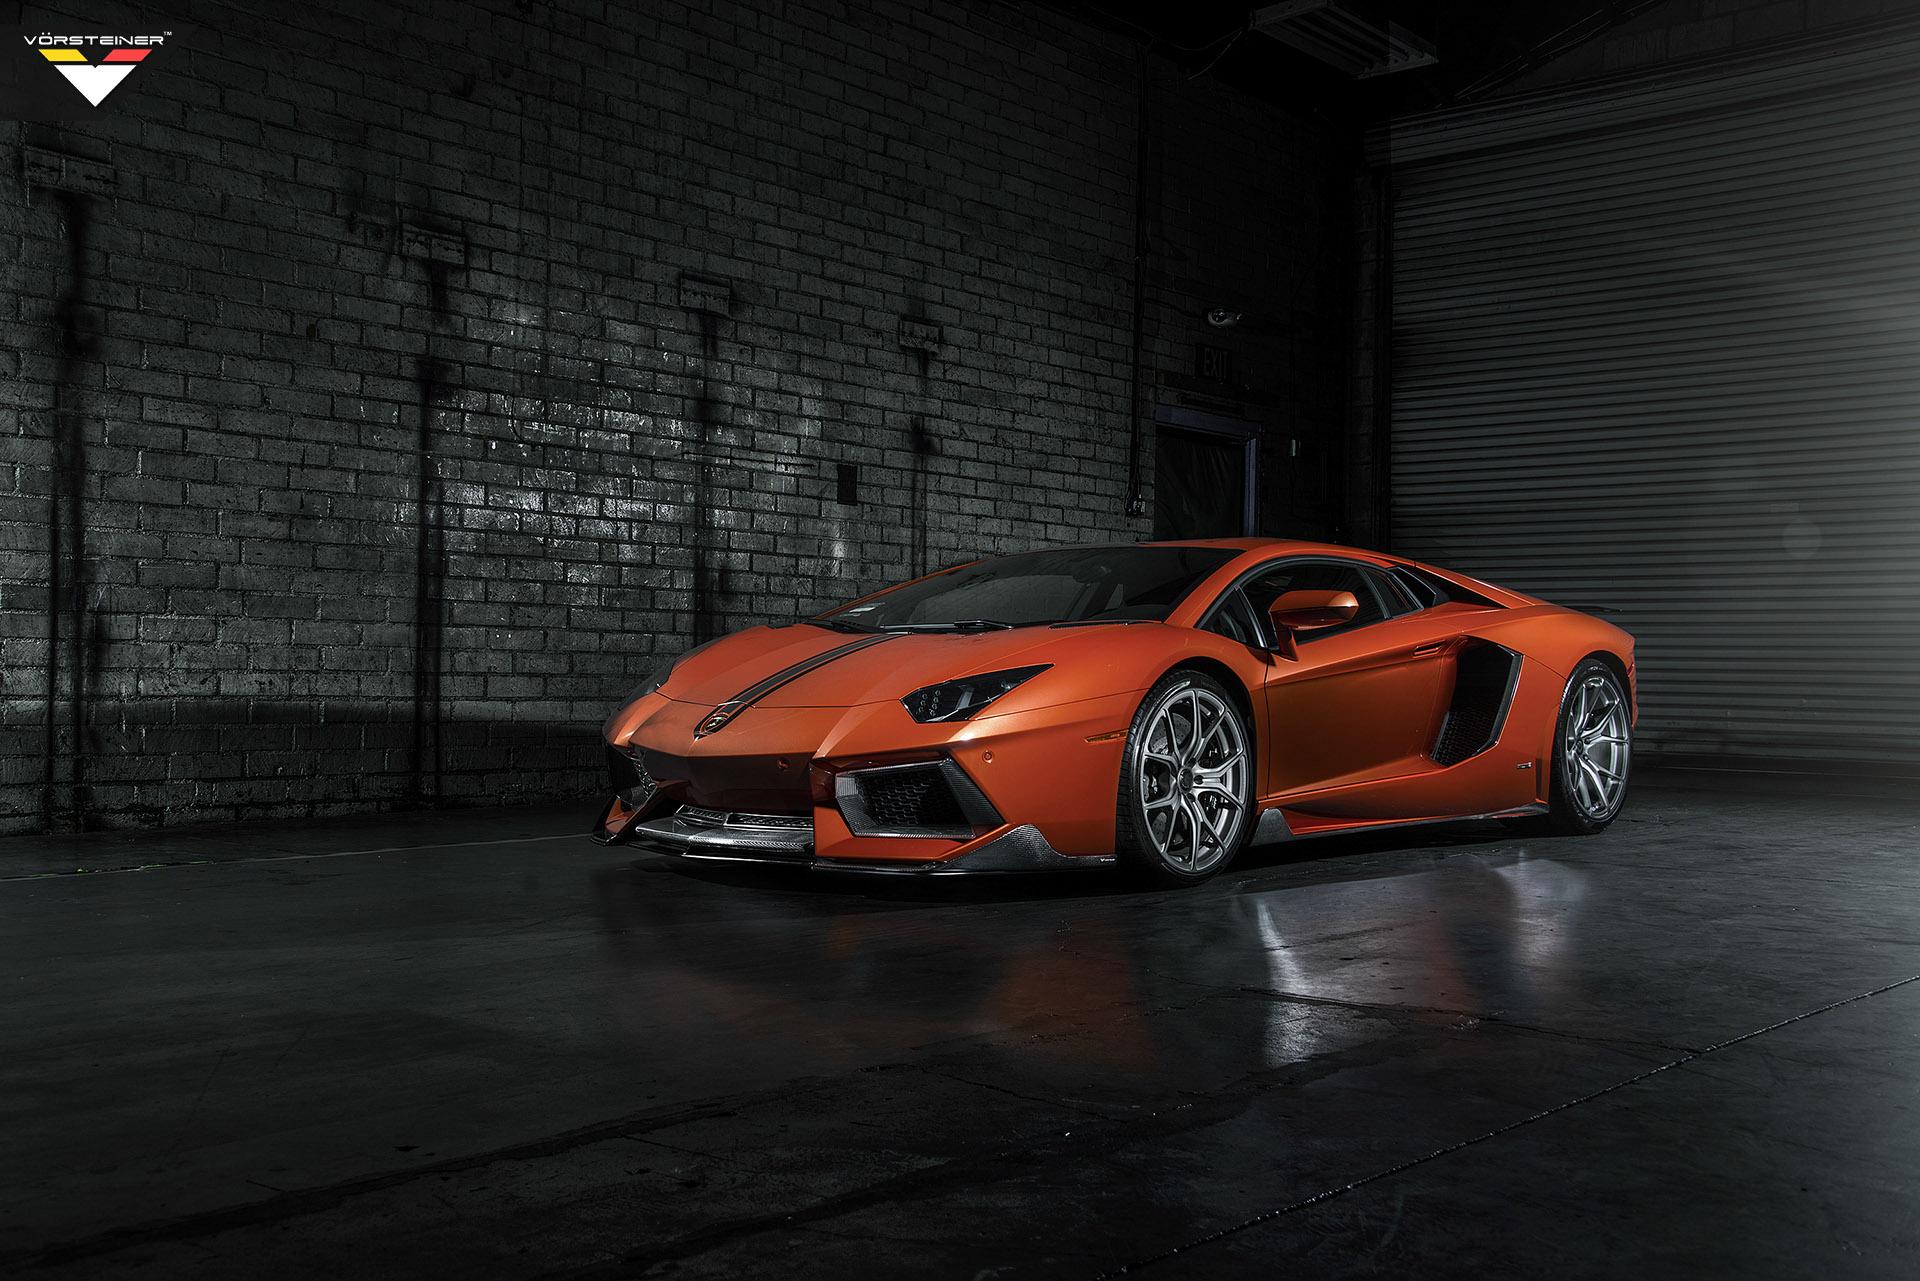 2014 Vorsteiner Lamborghini Aventador-V LP-740 - Picture 92759